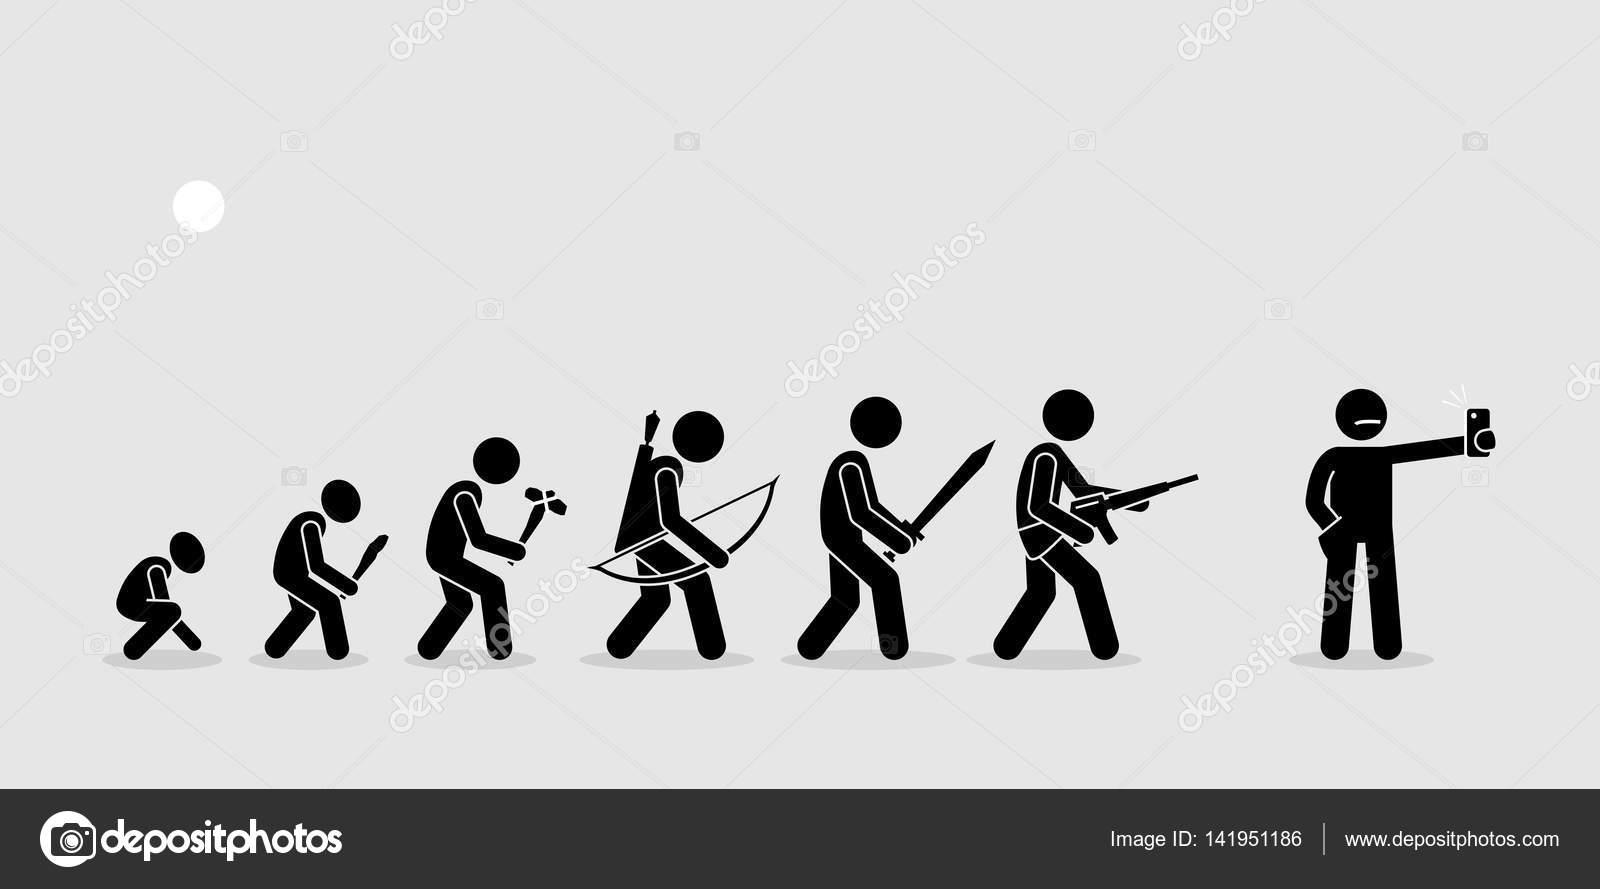 Evolution Des Armes Humaines Sur Une Chronologie De L